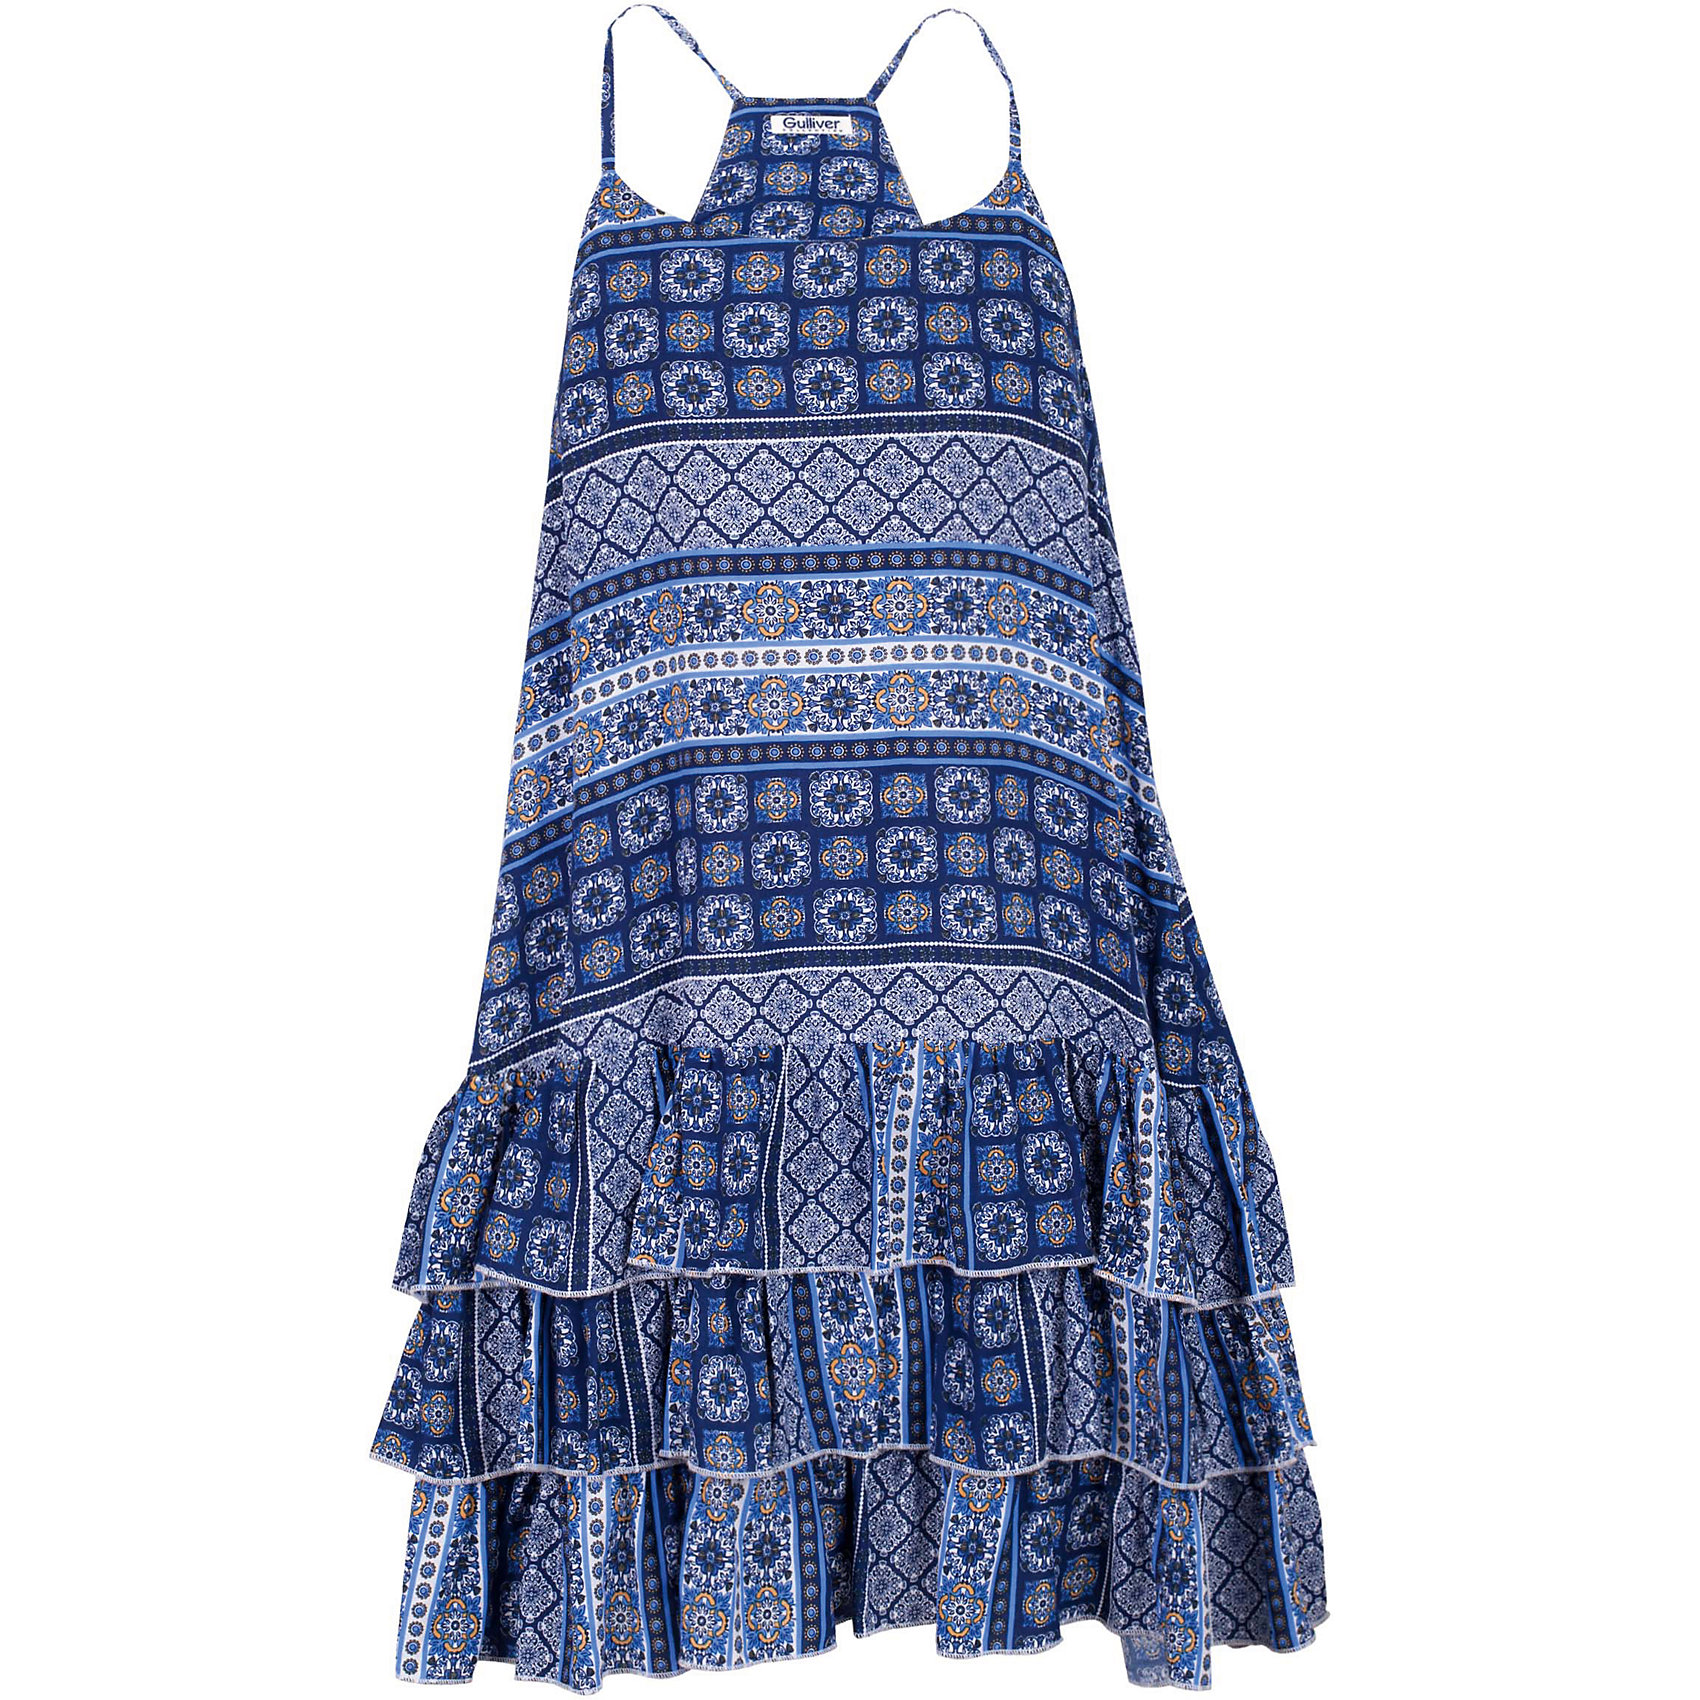 Платье для девочки GulliverПлатья и сарафаны<br>Ох уж, эти модницы... Их летний гардероб пестрит нарядами, но разве можно пройти мимо нового сарафана? Летний легкий сарафан для девочки выглядит потрясающе! Выполненный из тонкого орнаментального струящегося текстиля, сарафан очень пластичный, подвижный, приятный к телу. Элегантный трапециевидный силуэт, три ряда оборок по низу изделия делают сарафан ярким, заметным элементом летнего образа. Вы хотите купить сарафан, чтобы освежить гардероб ребенка, сделав его ярким, практичным и позитивным? Этот сарафан - лучшее решение для каждого дня жаркого лета!<br>Состав:<br>100% вискоза<br><br>Ширина мм: 236<br>Глубина мм: 16<br>Высота мм: 184<br>Вес г: 177<br>Цвет: разноцветный<br>Возраст от месяцев: 108<br>Возраст до месяцев: 120<br>Пол: Женский<br>Возраст: Детский<br>Размер: 140,122,128,134<br>SKU: 5483996